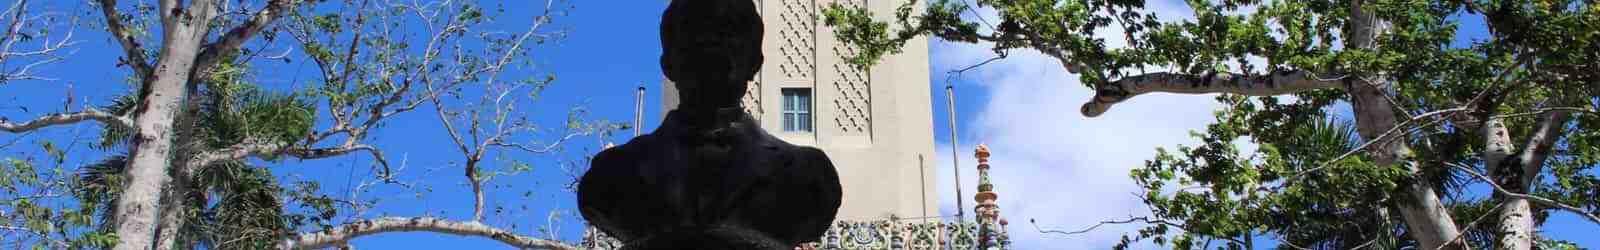 Coalición Universitaria por el Progreso considera ilegítimo el voto de paro y huelga